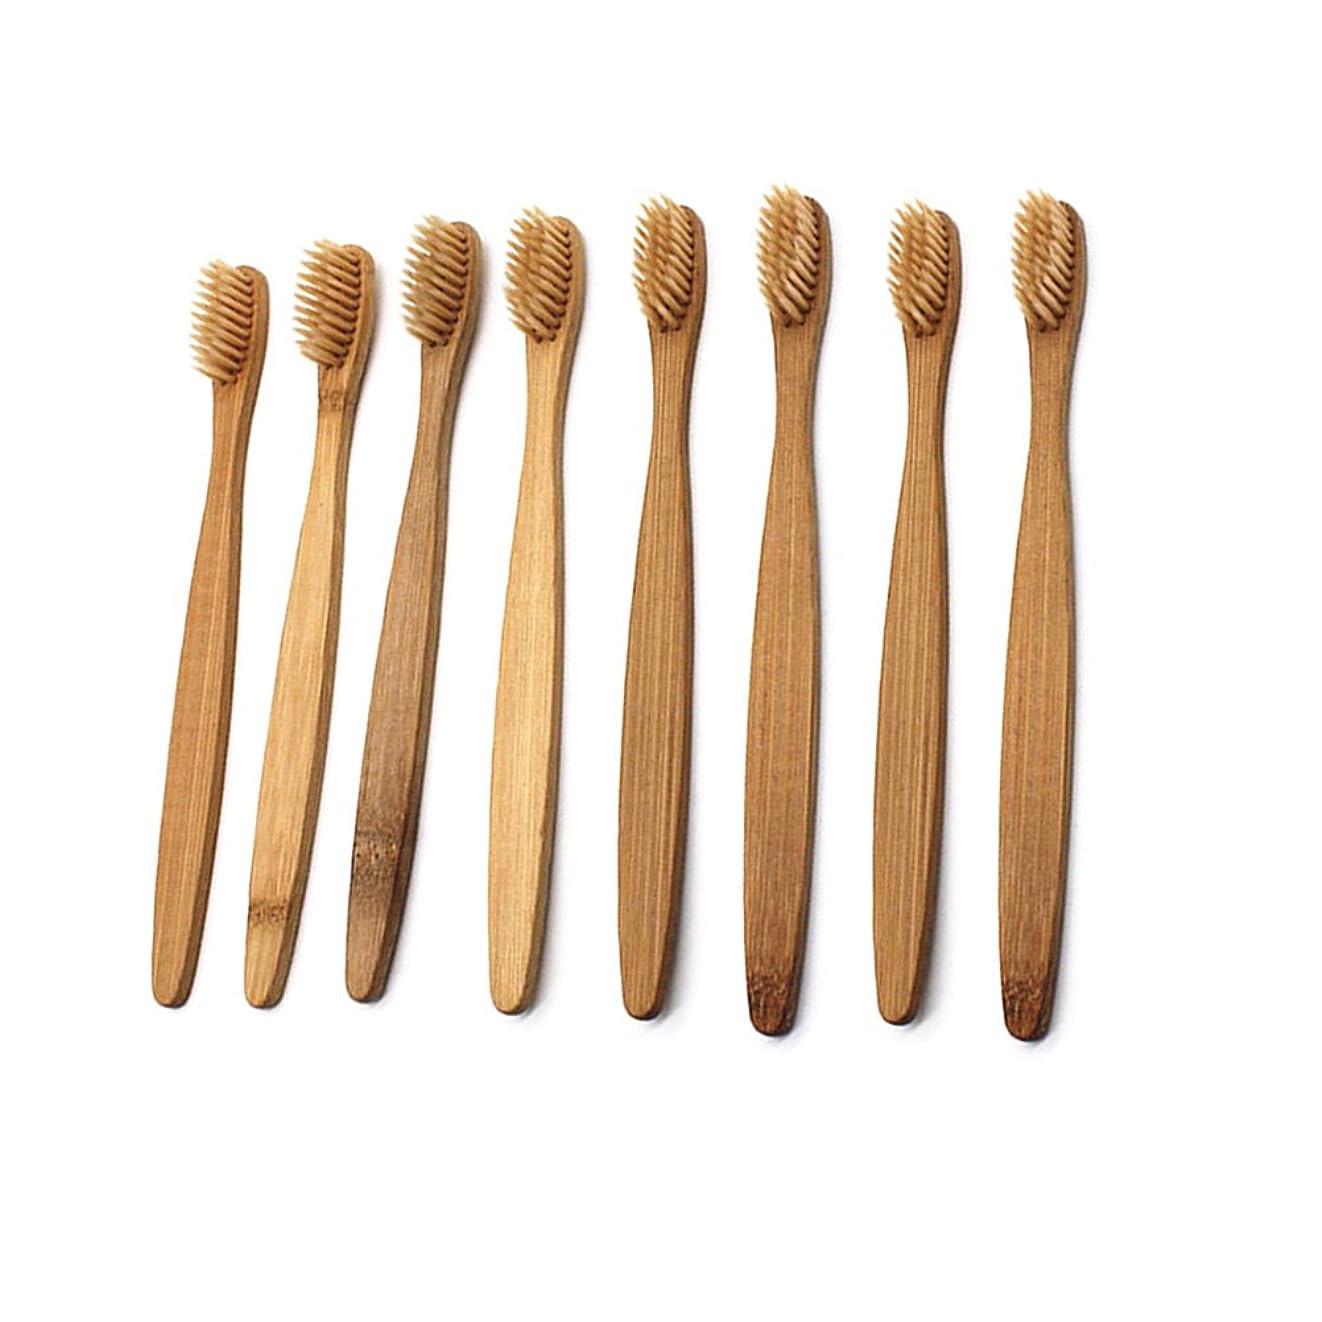 副詞ドキュメンタリー抗議ARTLILY 柔らかい剛毛が付いている8本の自然なタケ歯ブラシの木製の歯ブラシ